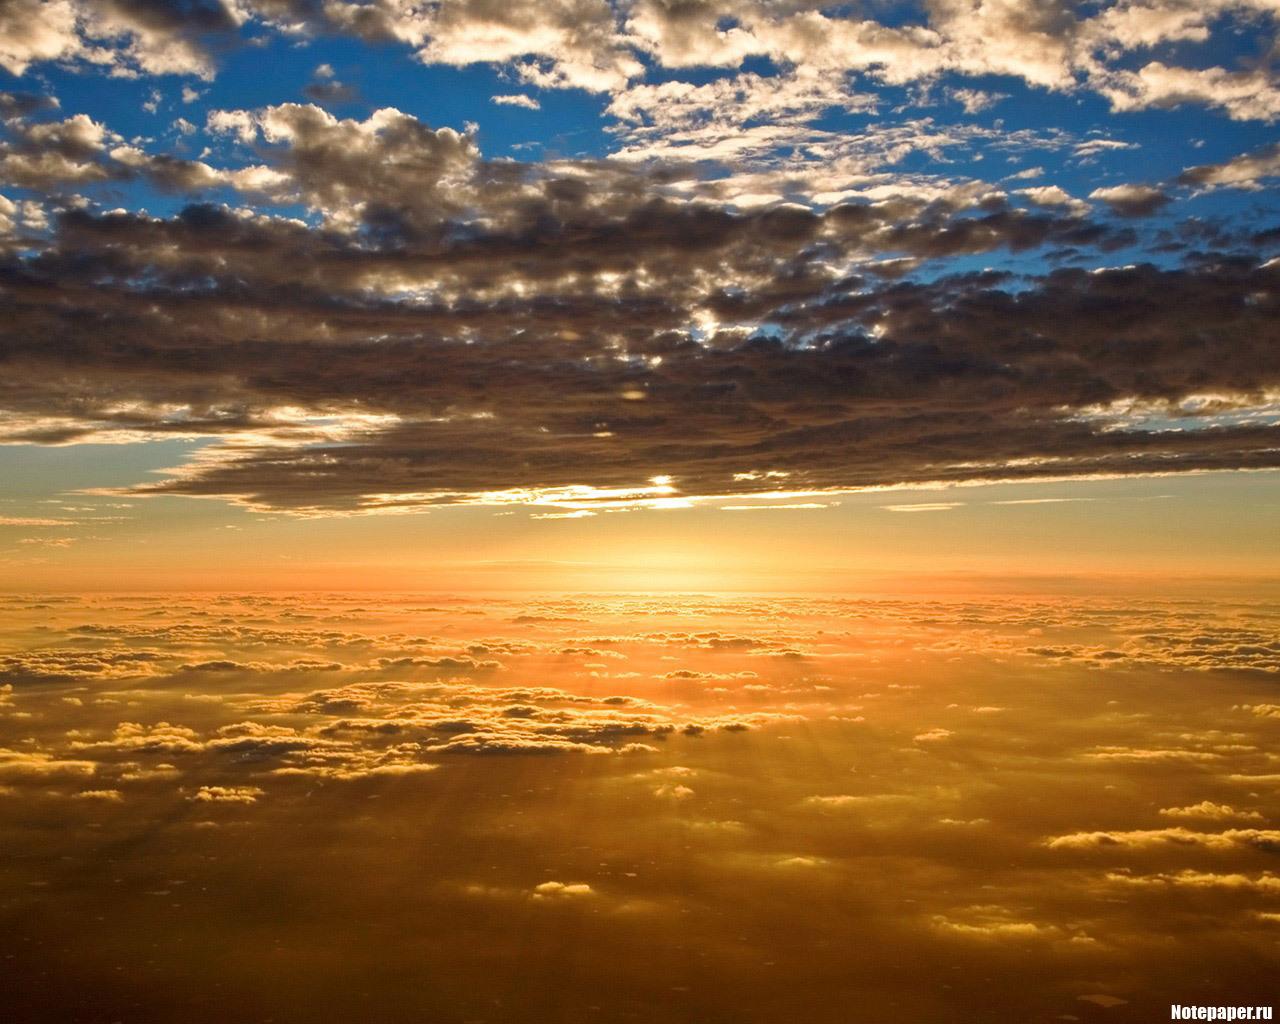 11389 скачать обои Пейзаж, Небо, Солнце, Облака - заставки и картинки бесплатно